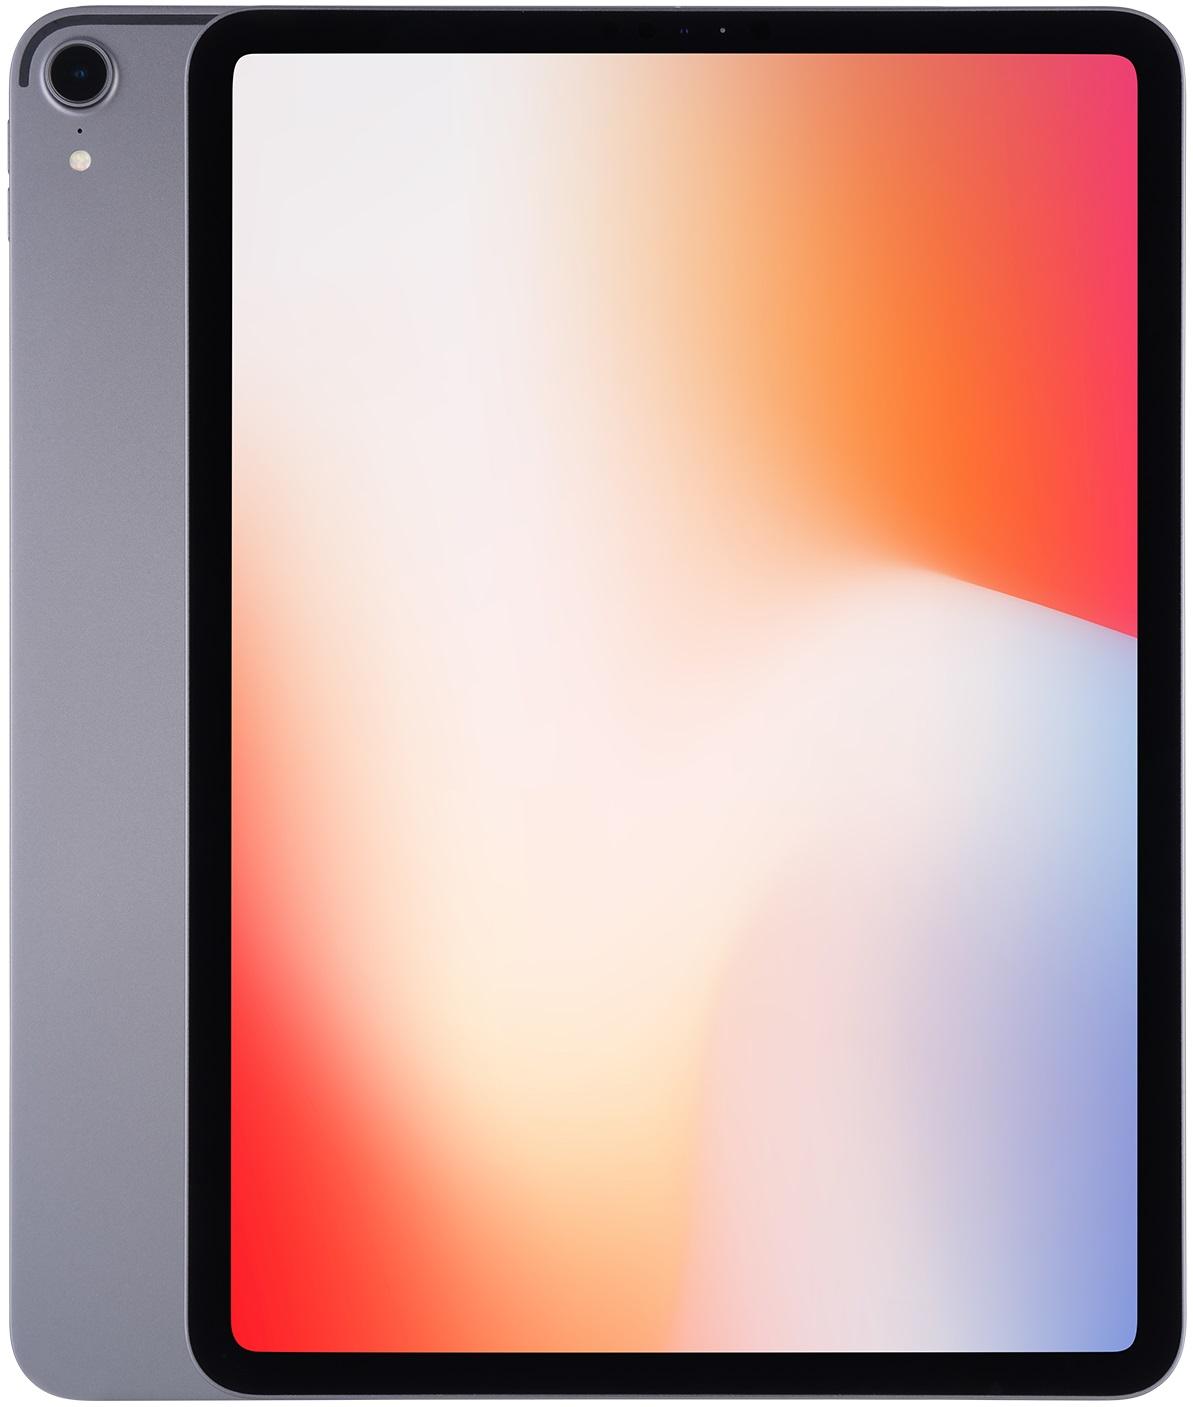 apple ipad pro 11 64gb [wi-fi, modello 2018] space grigio